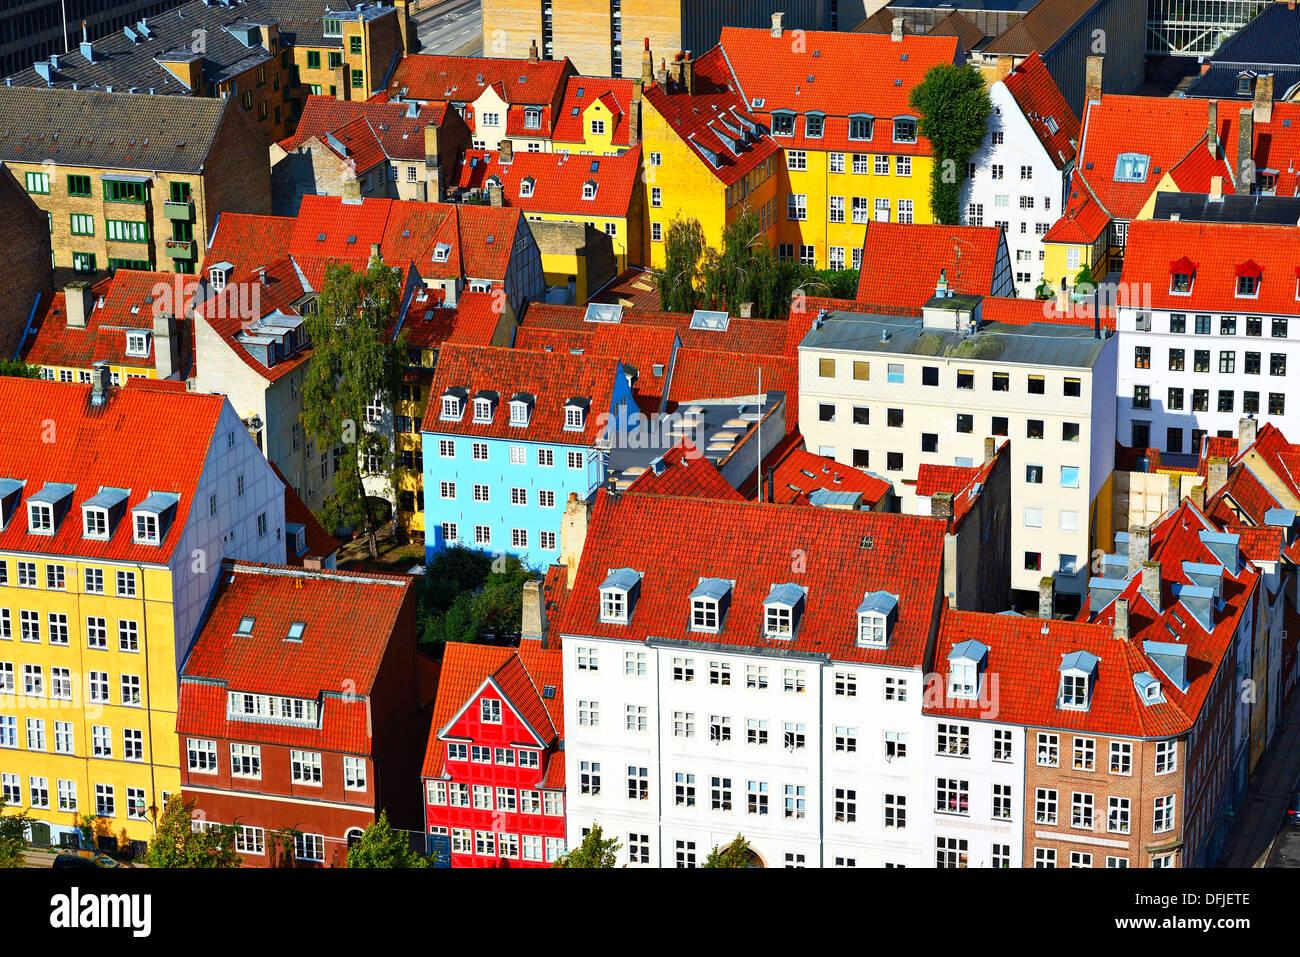 Residential buildings in Copenhagen, Denmark. - Stock Image